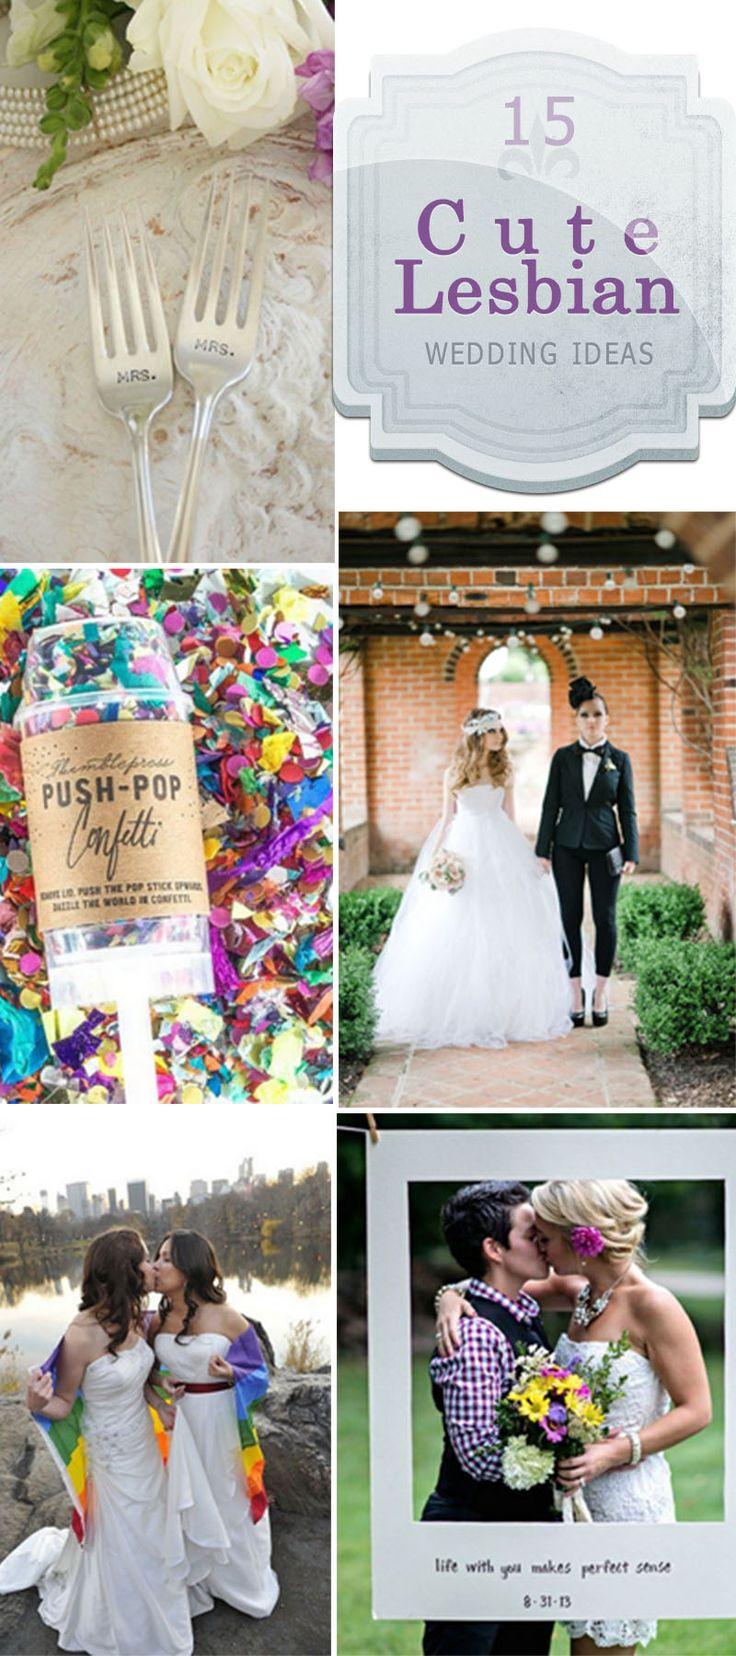 Cute Lesbian Wedding Ideas!